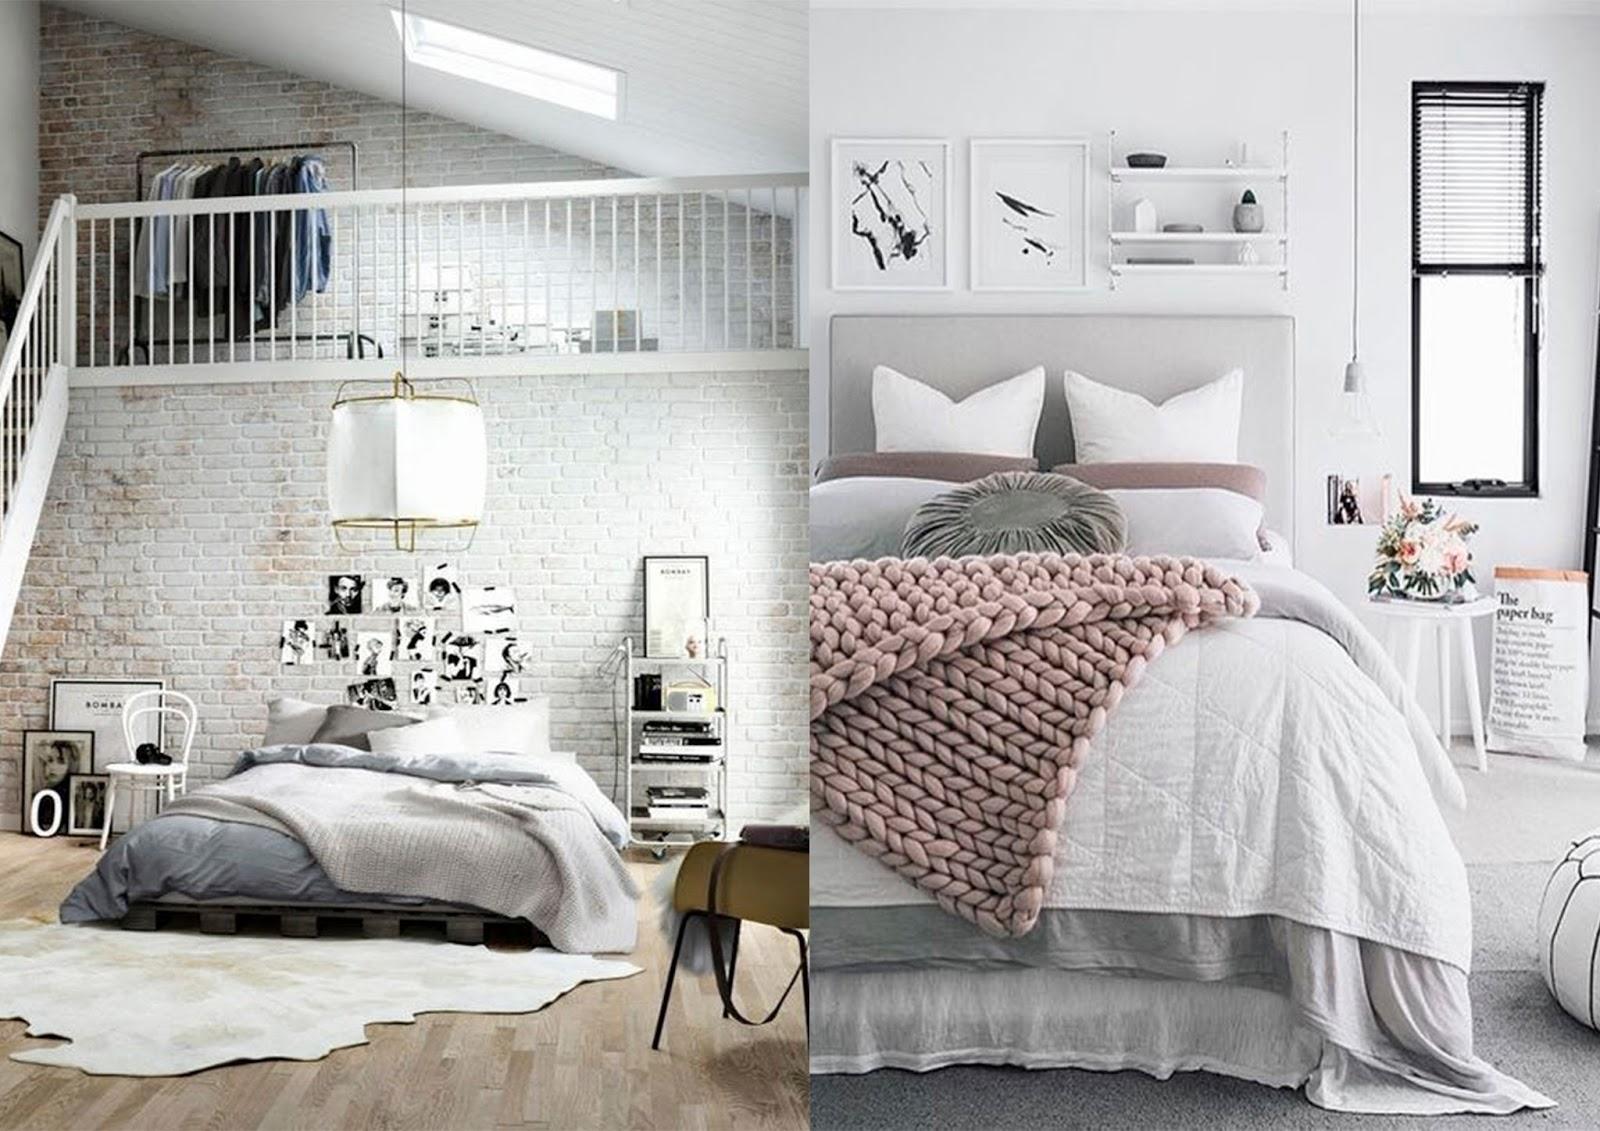 otro elemento importante a la hora de decorar la habitacin es el cabecero grande muy grande y de color gris as me gusta a mi creo que los cabeceros de